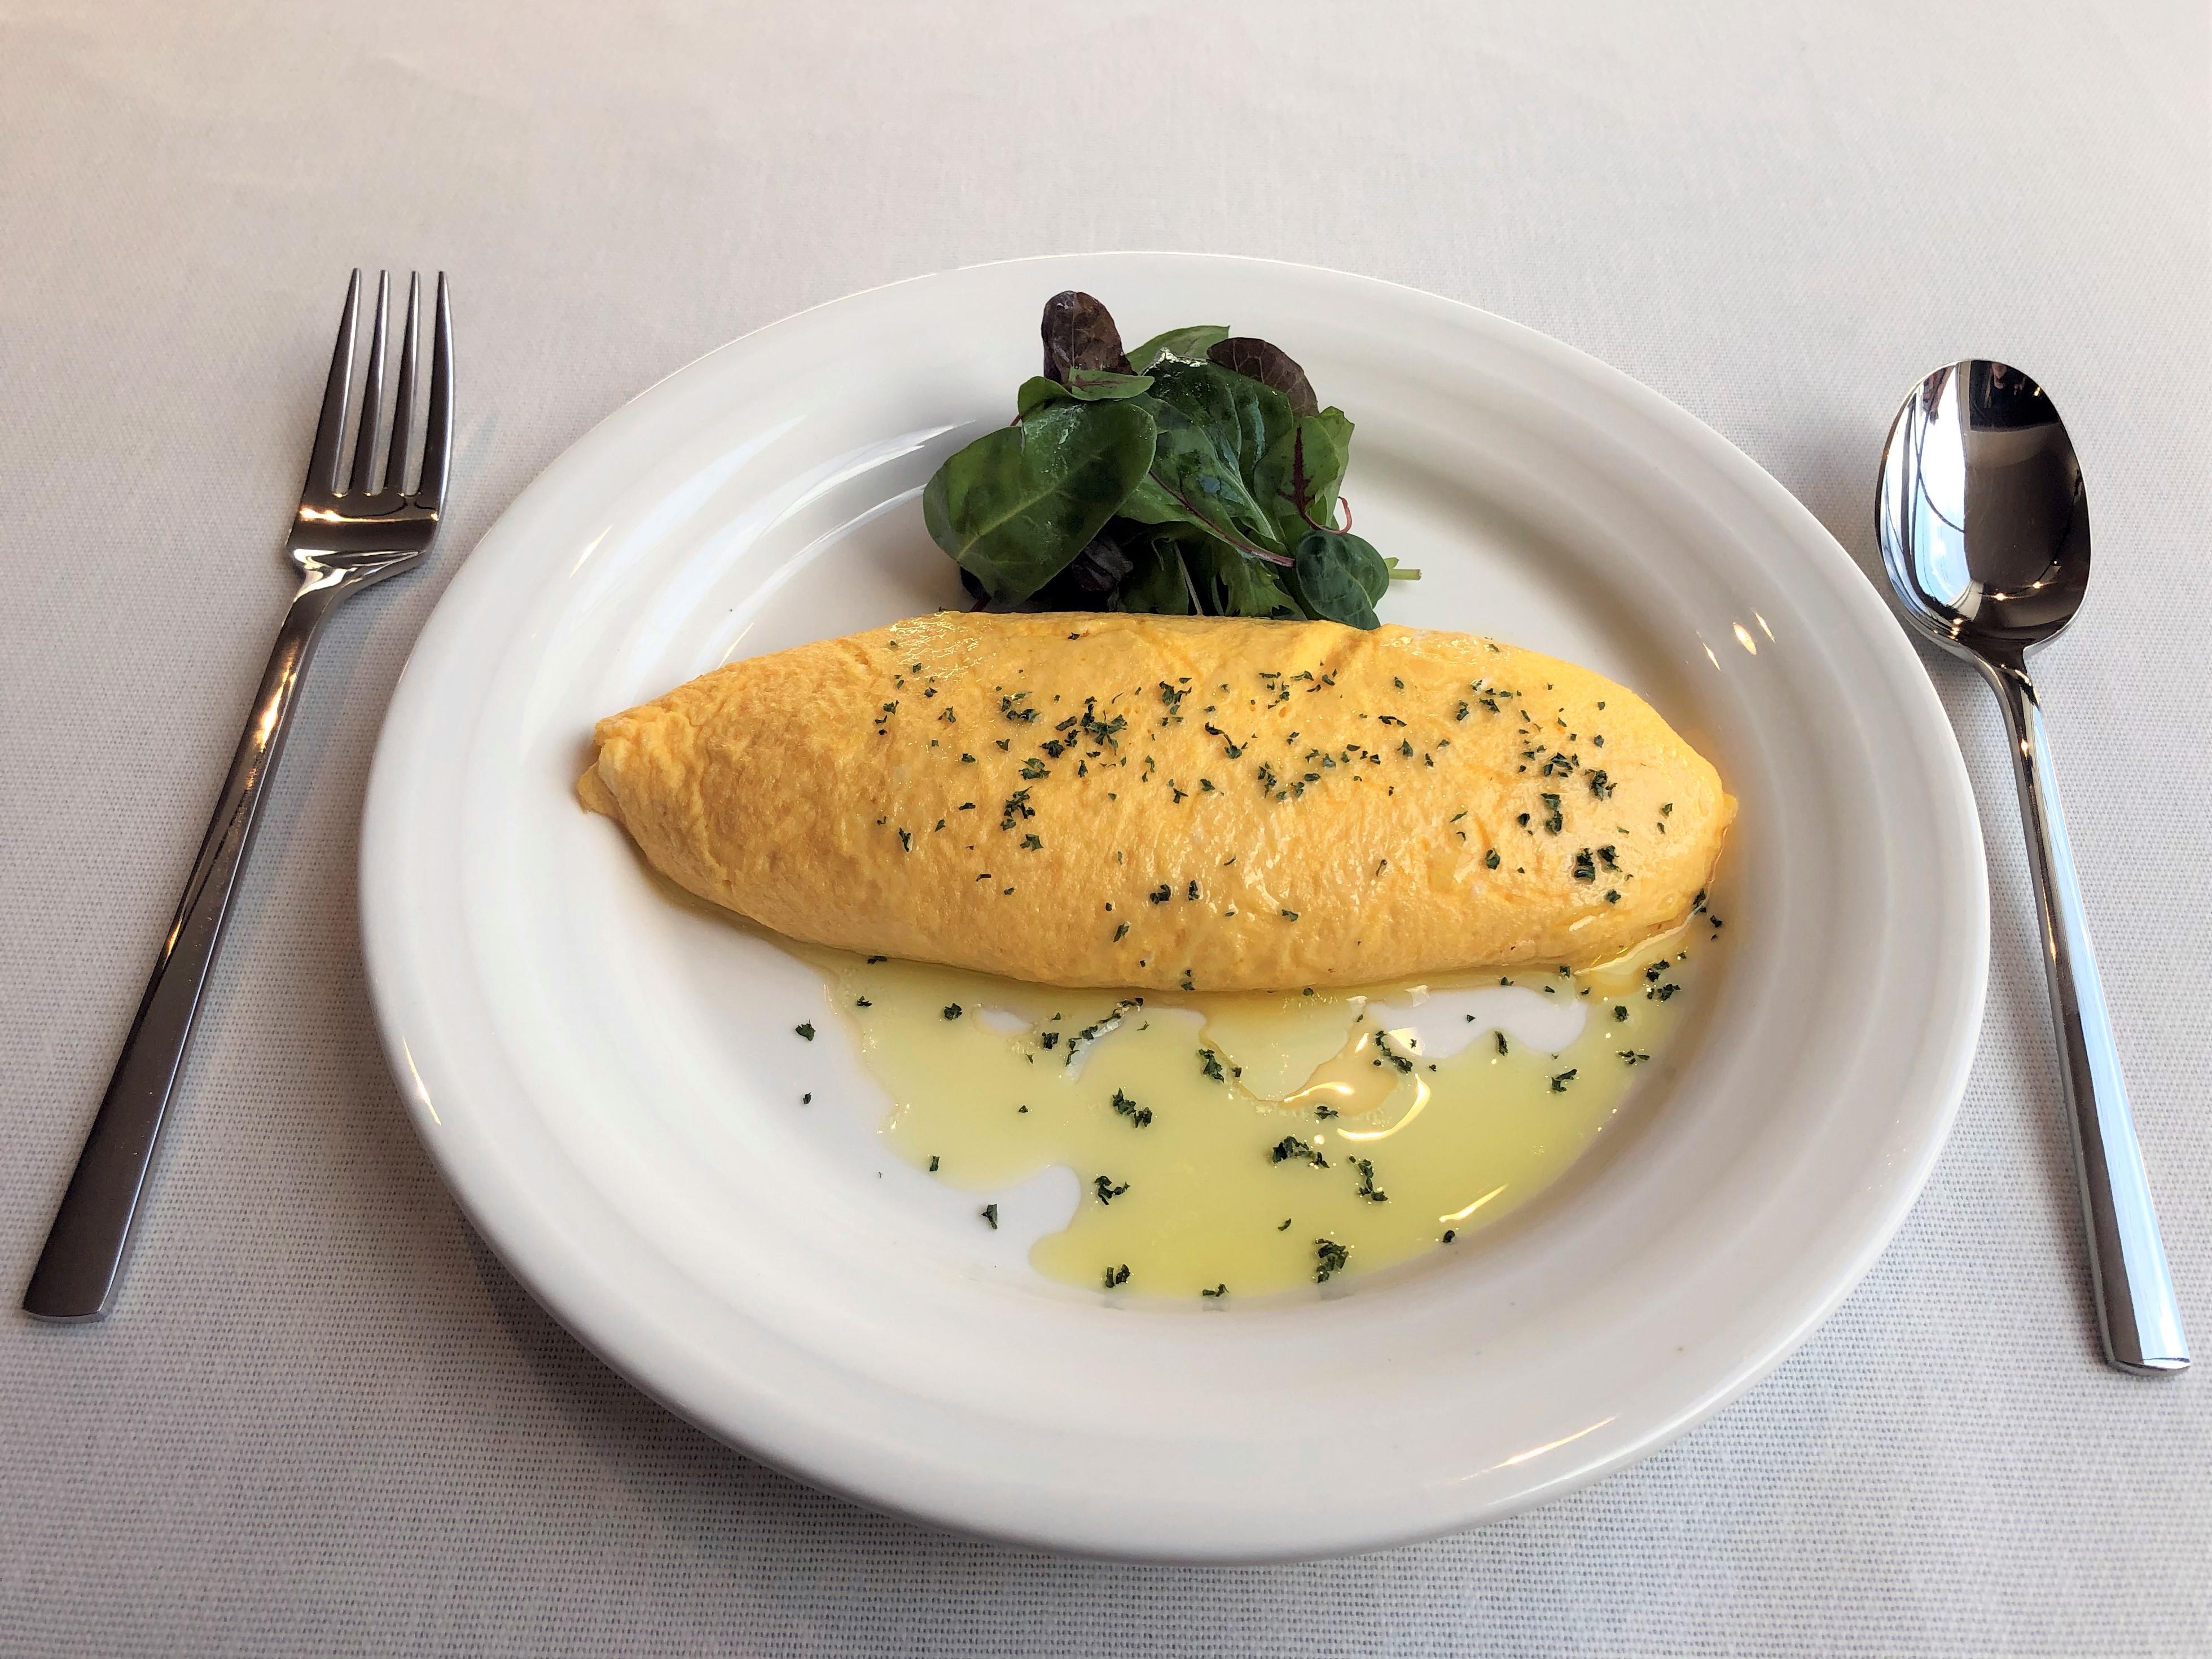 チーズオムレツ   黒トリュフオリーブオイルかけ